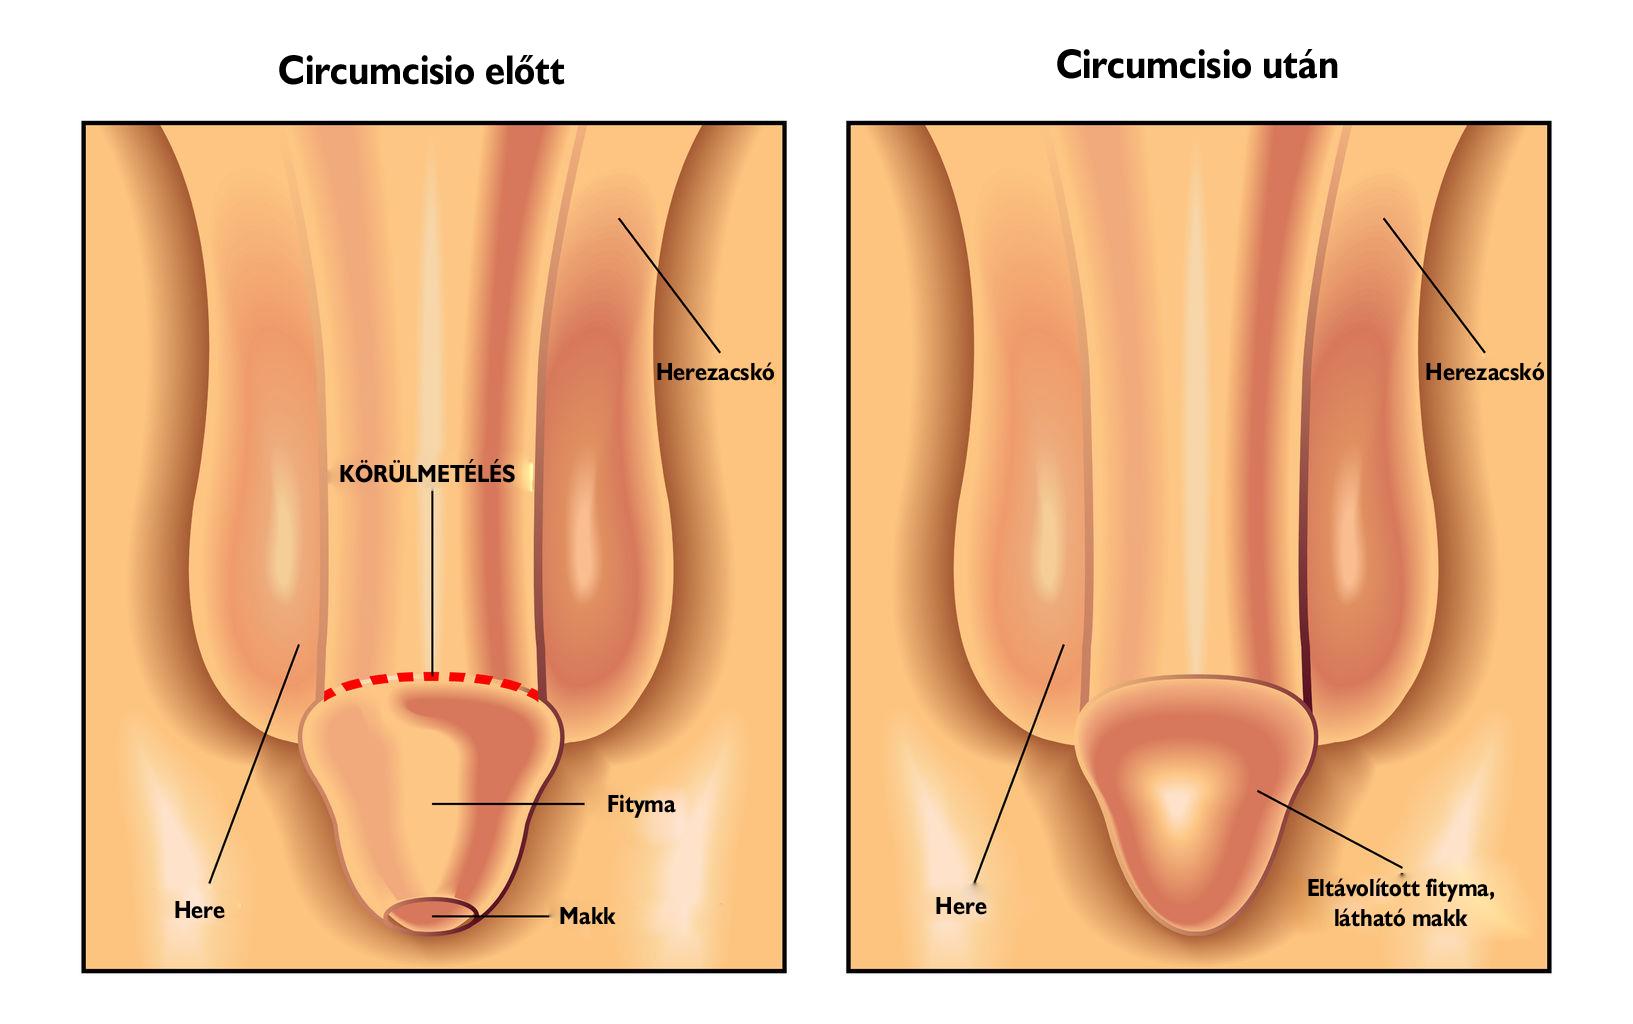 Így ápoljuk a férfi nemi szerveket! - Blikk